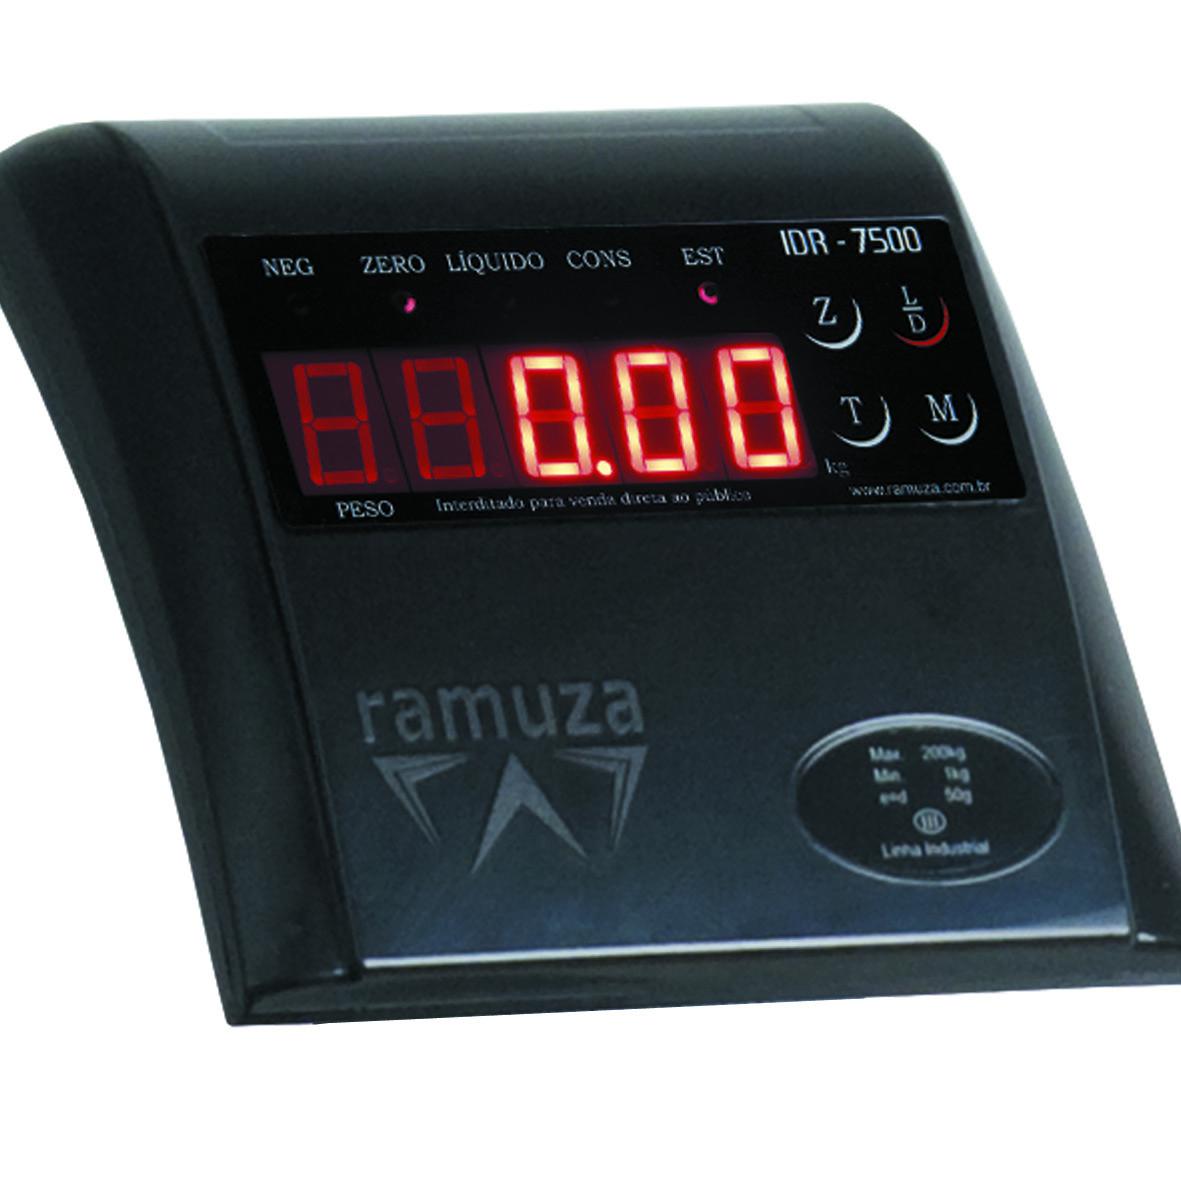 Balança Industrial Plataforma em Aço Carbono Ramuza DP - Capacidade: 500kg, Base: 60x60cm, IDR de ABS sem bateria